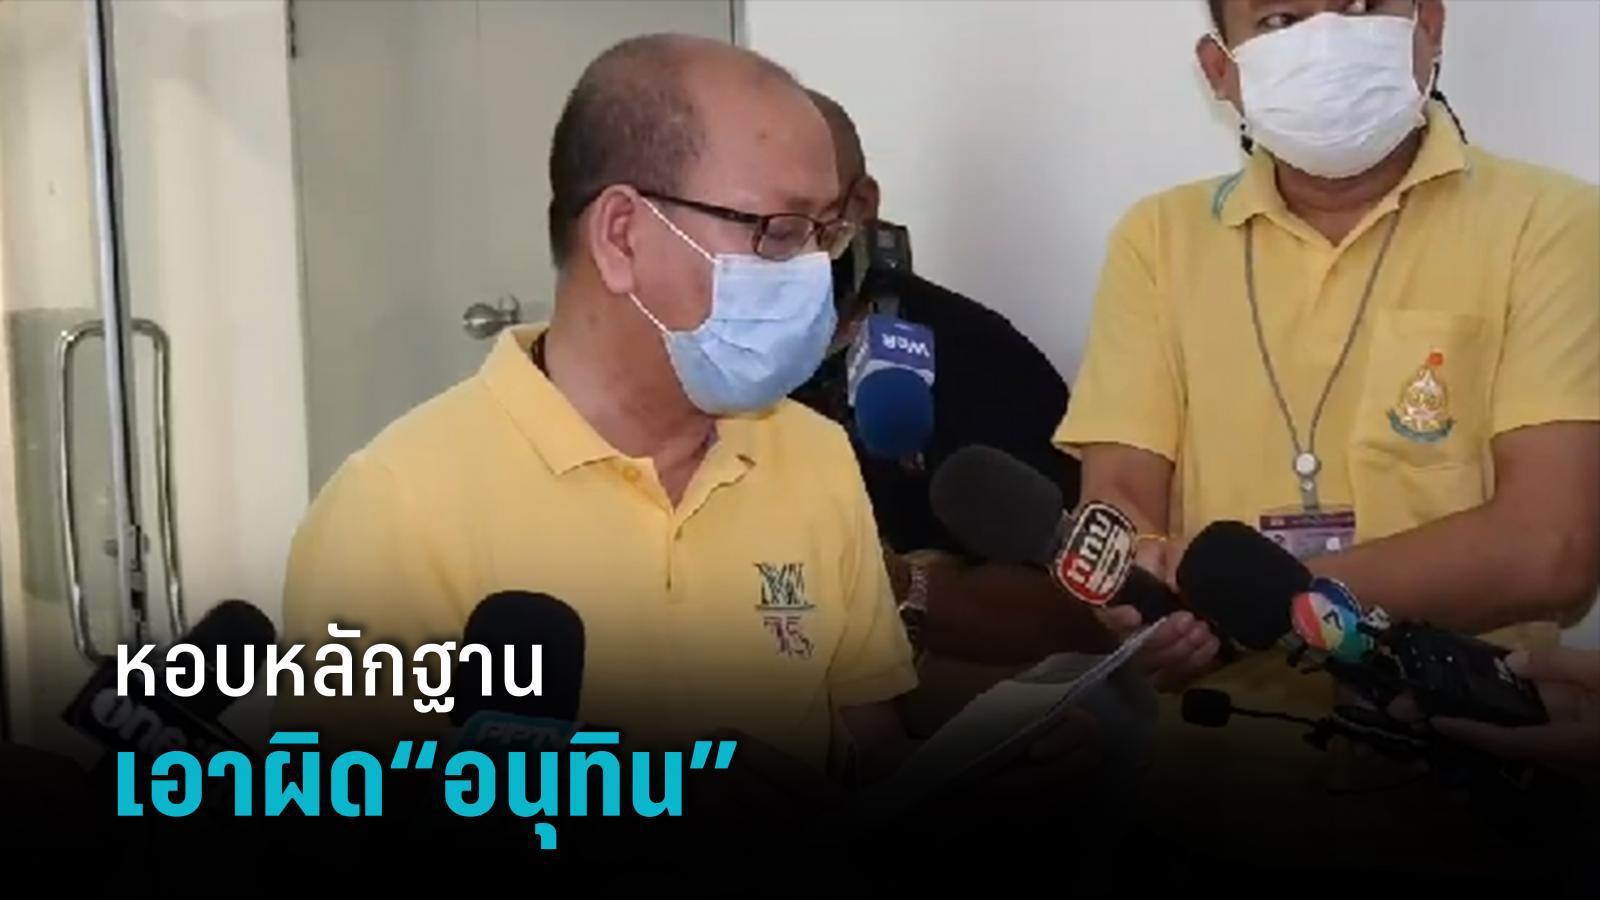 """""""อัจฉริยะ"""" หอบหลักฐานร้องปอท. """"อนุทิน"""" ผิดพ.ร.บ.คอมพิวเตอร์ พูดเท็จคนไทยจะมีวัคซีนเต็มแขน"""